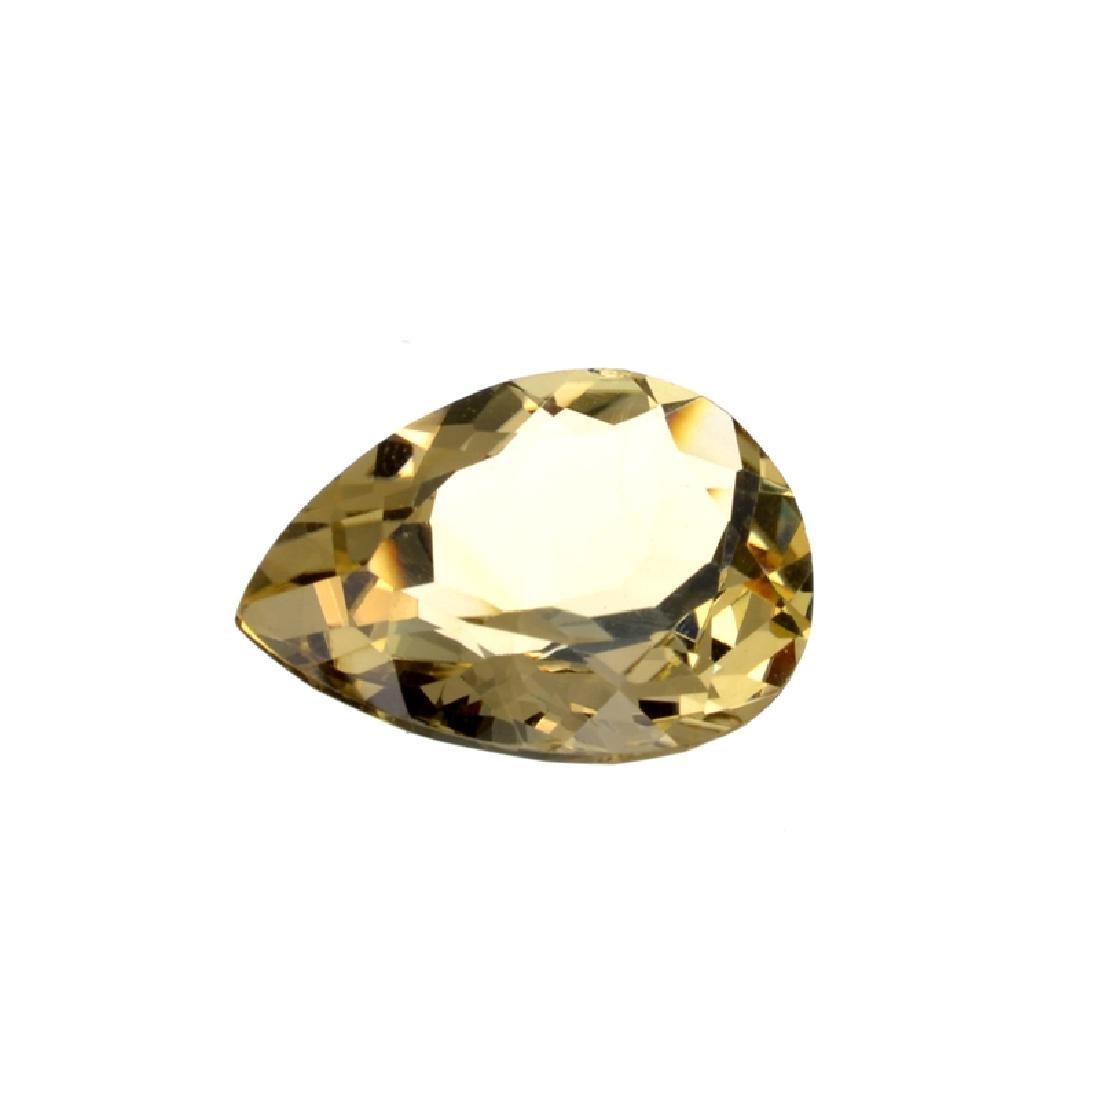 APP: 1k 24.85CT Pear Cut Citrine Gemstone